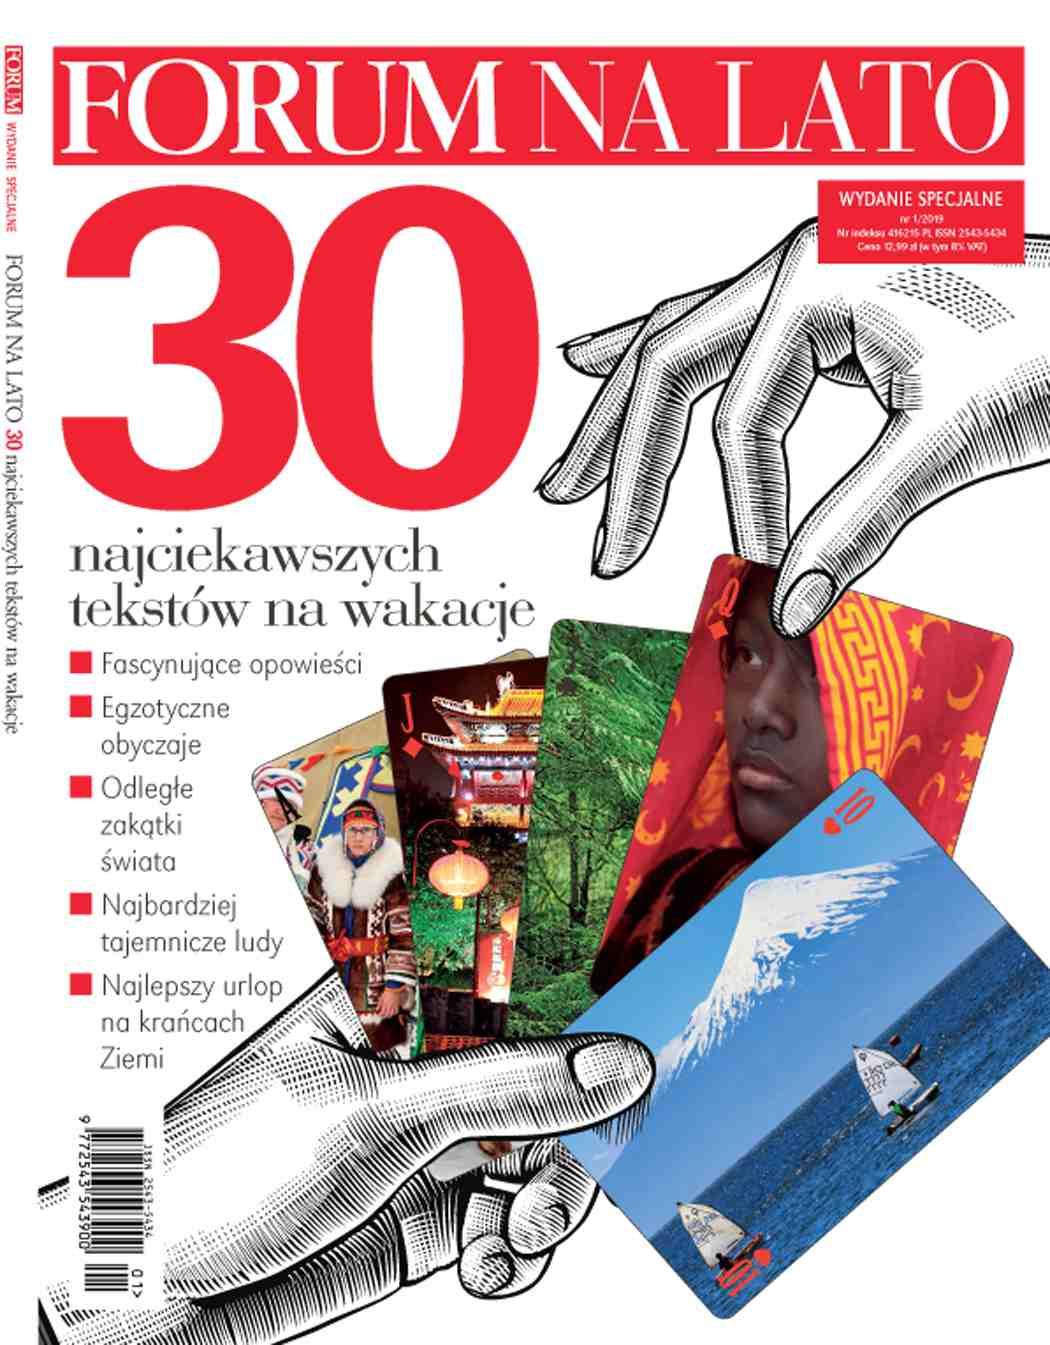 Forum na lato Wydanie Specjalne nr 1/2019 - Ebook (Książka PDF) do pobrania w formacie PDF